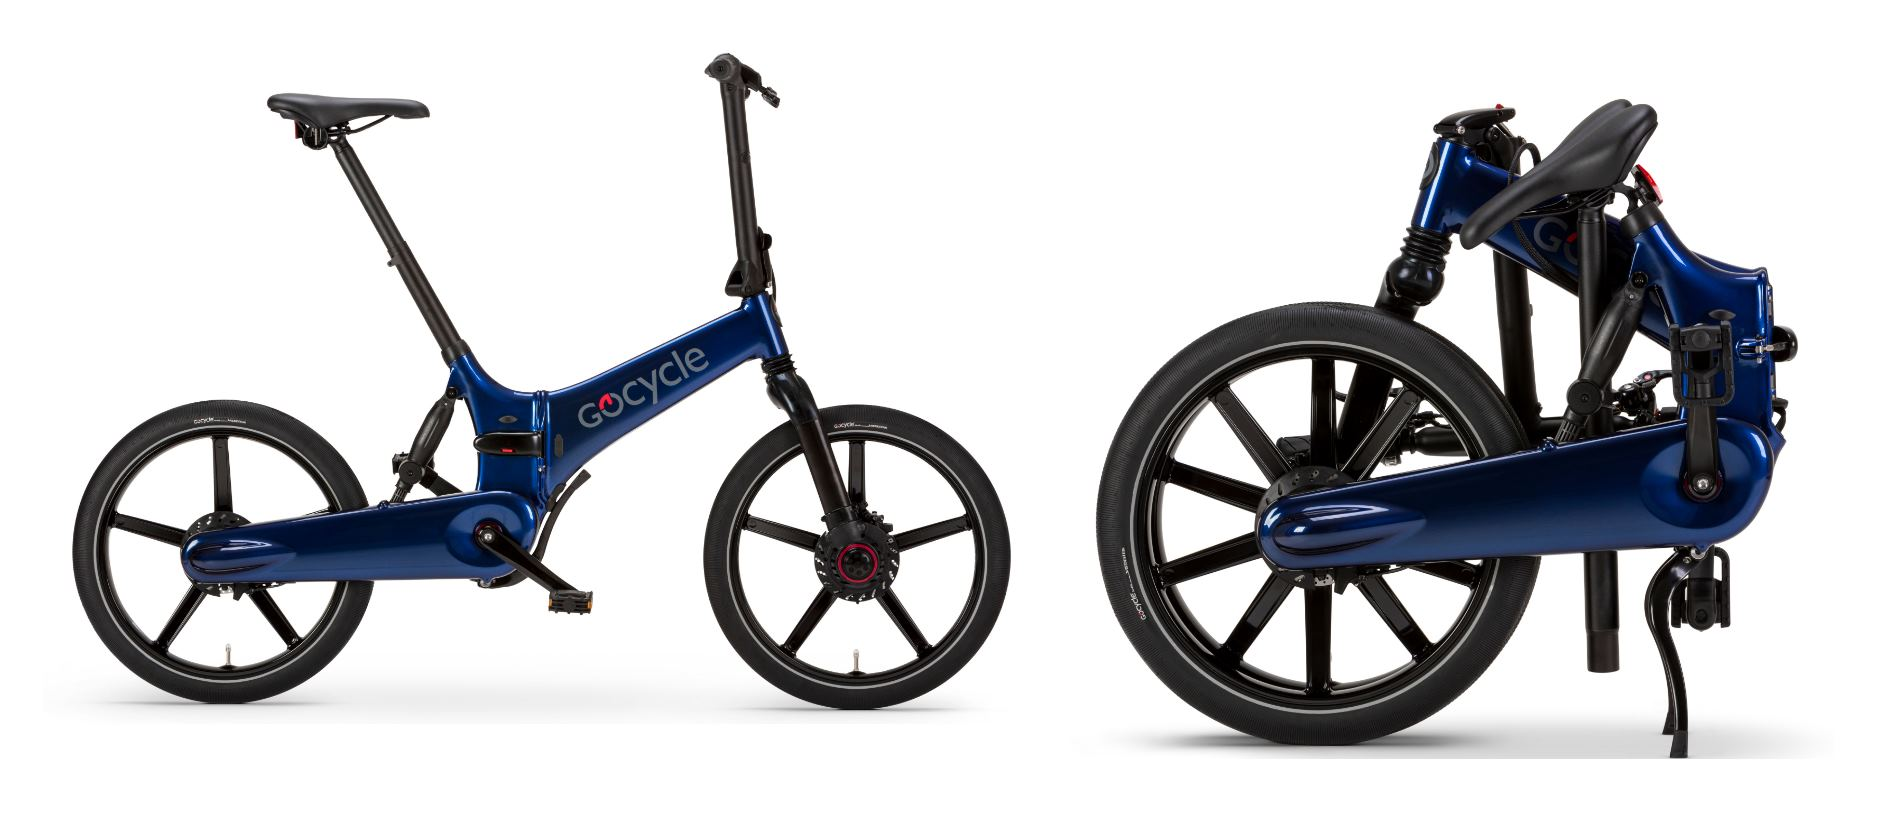 Gocycle presenta la nueva GX 2020 de plegado rápido